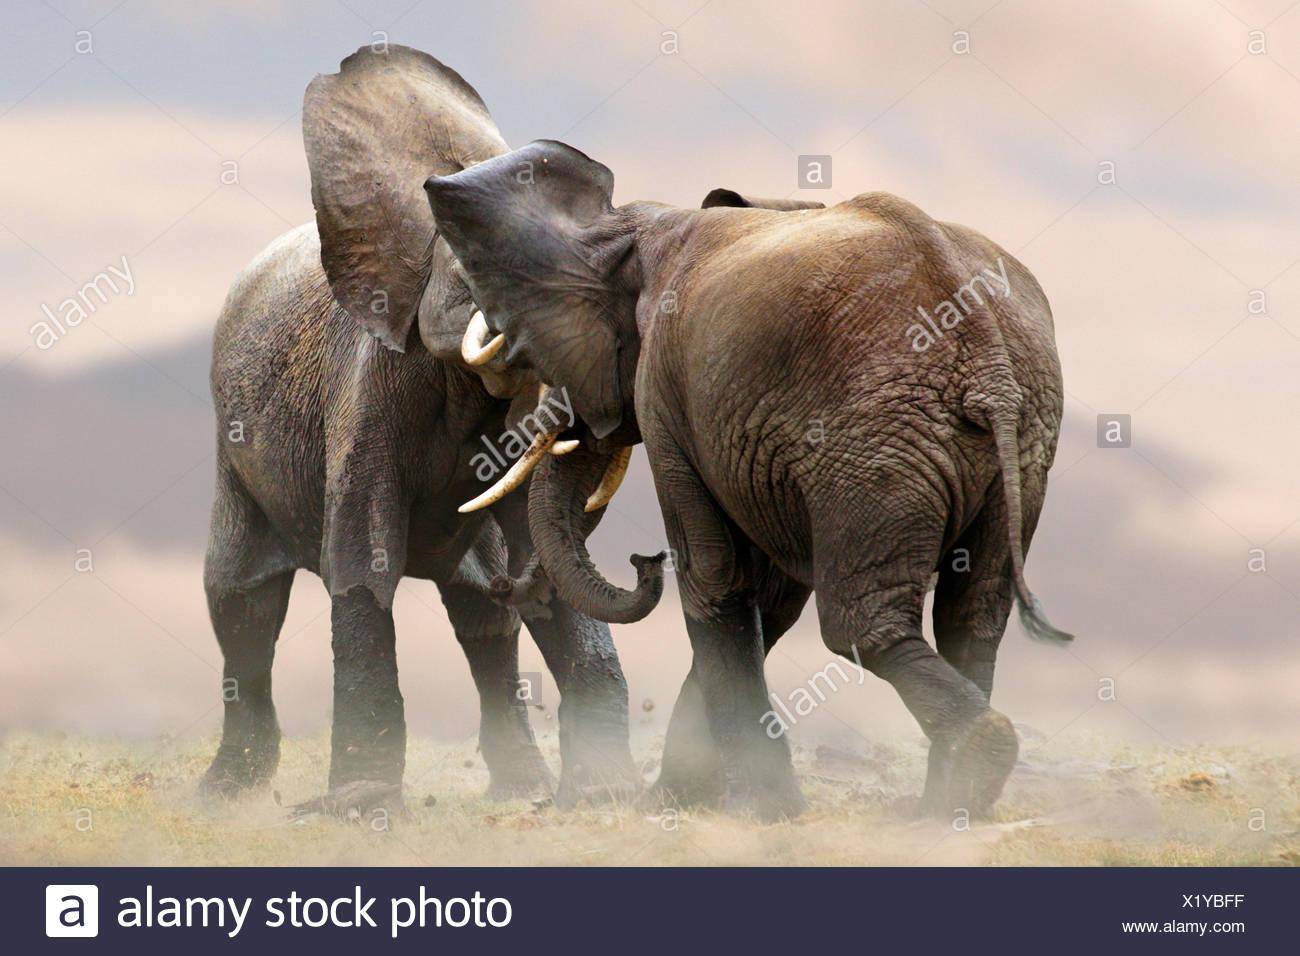 Elefante africano (Loxodonta africana), due elefanti scuffling insieme, Kenya, Amboseli National Park Immagini Stock